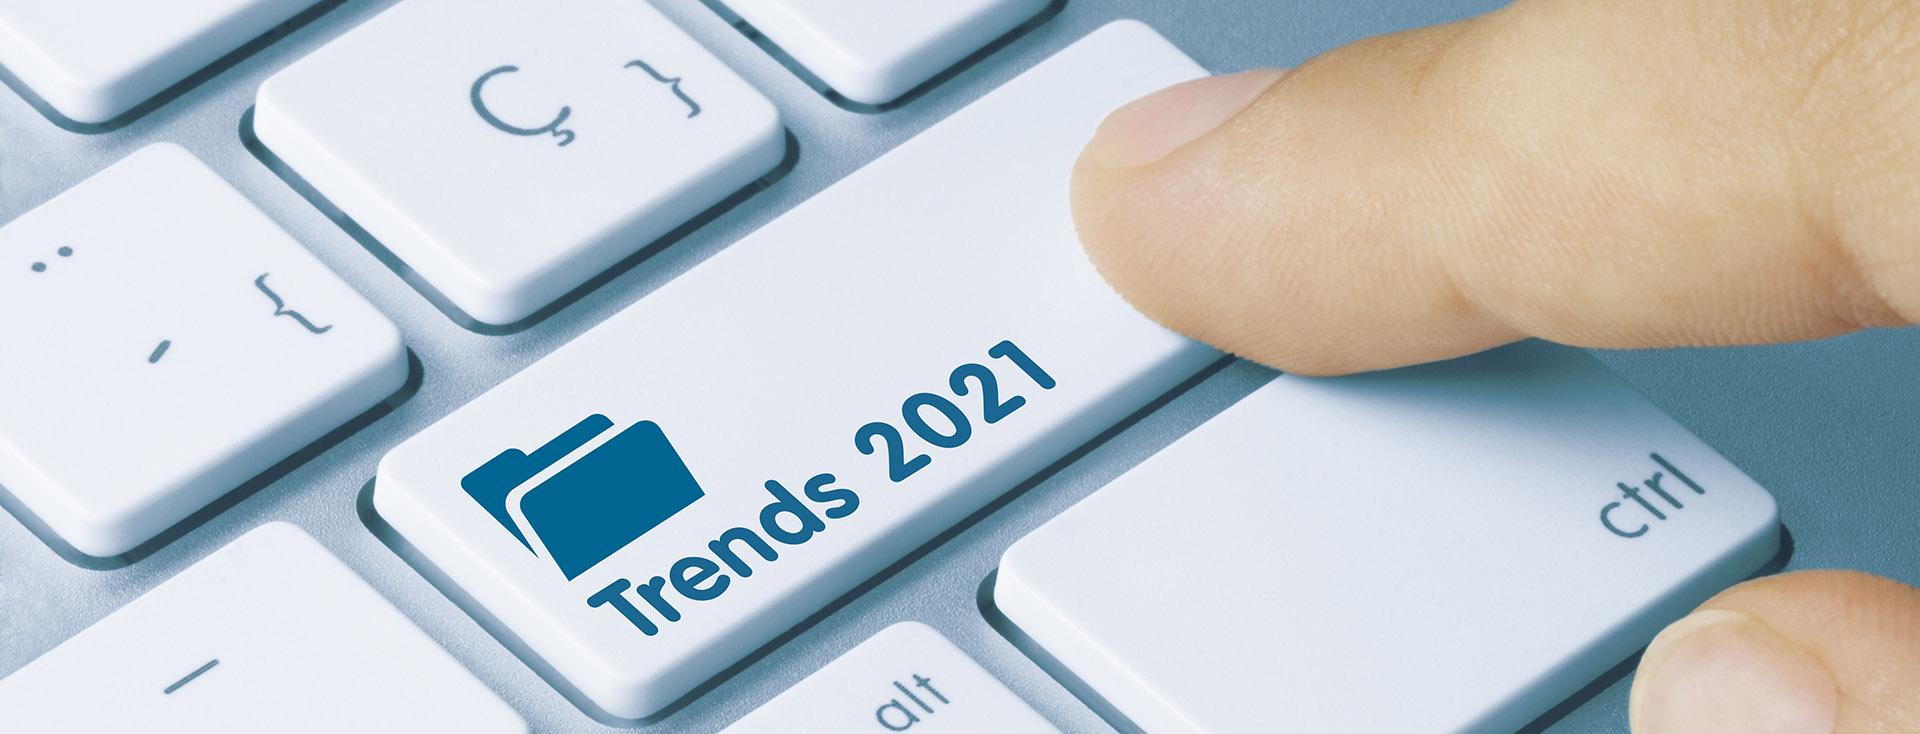 Que nous apprennent les résultats de recherche||en 2021 ?